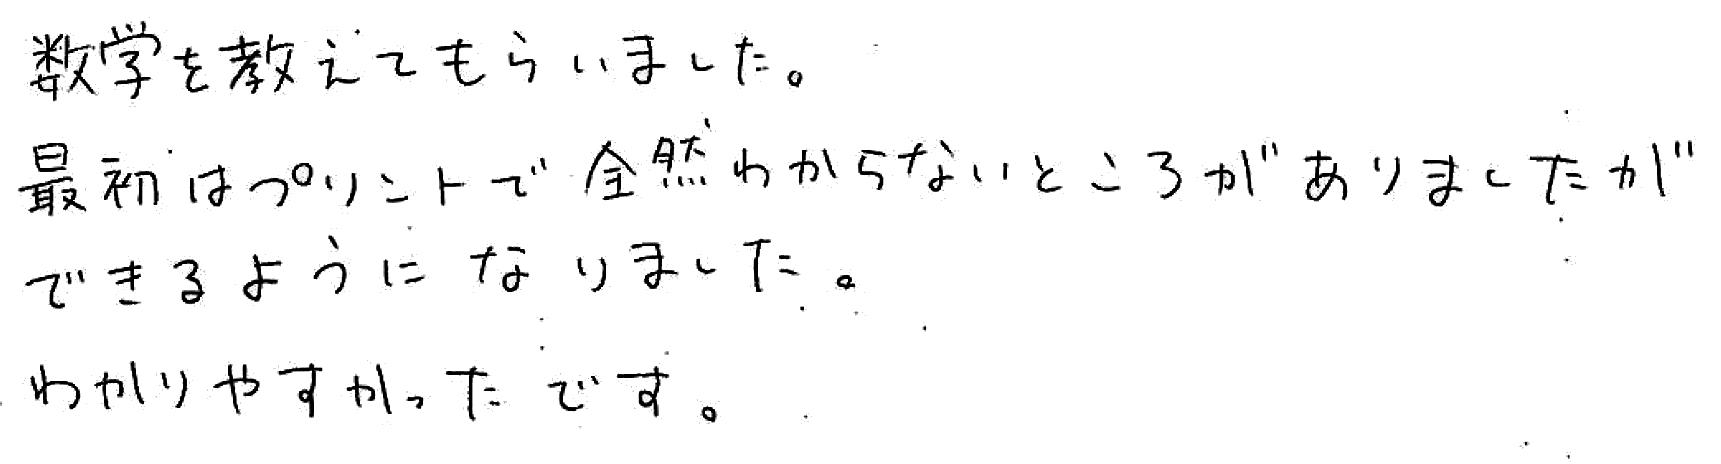 Aちゃん  (加賀市)からの口コミ